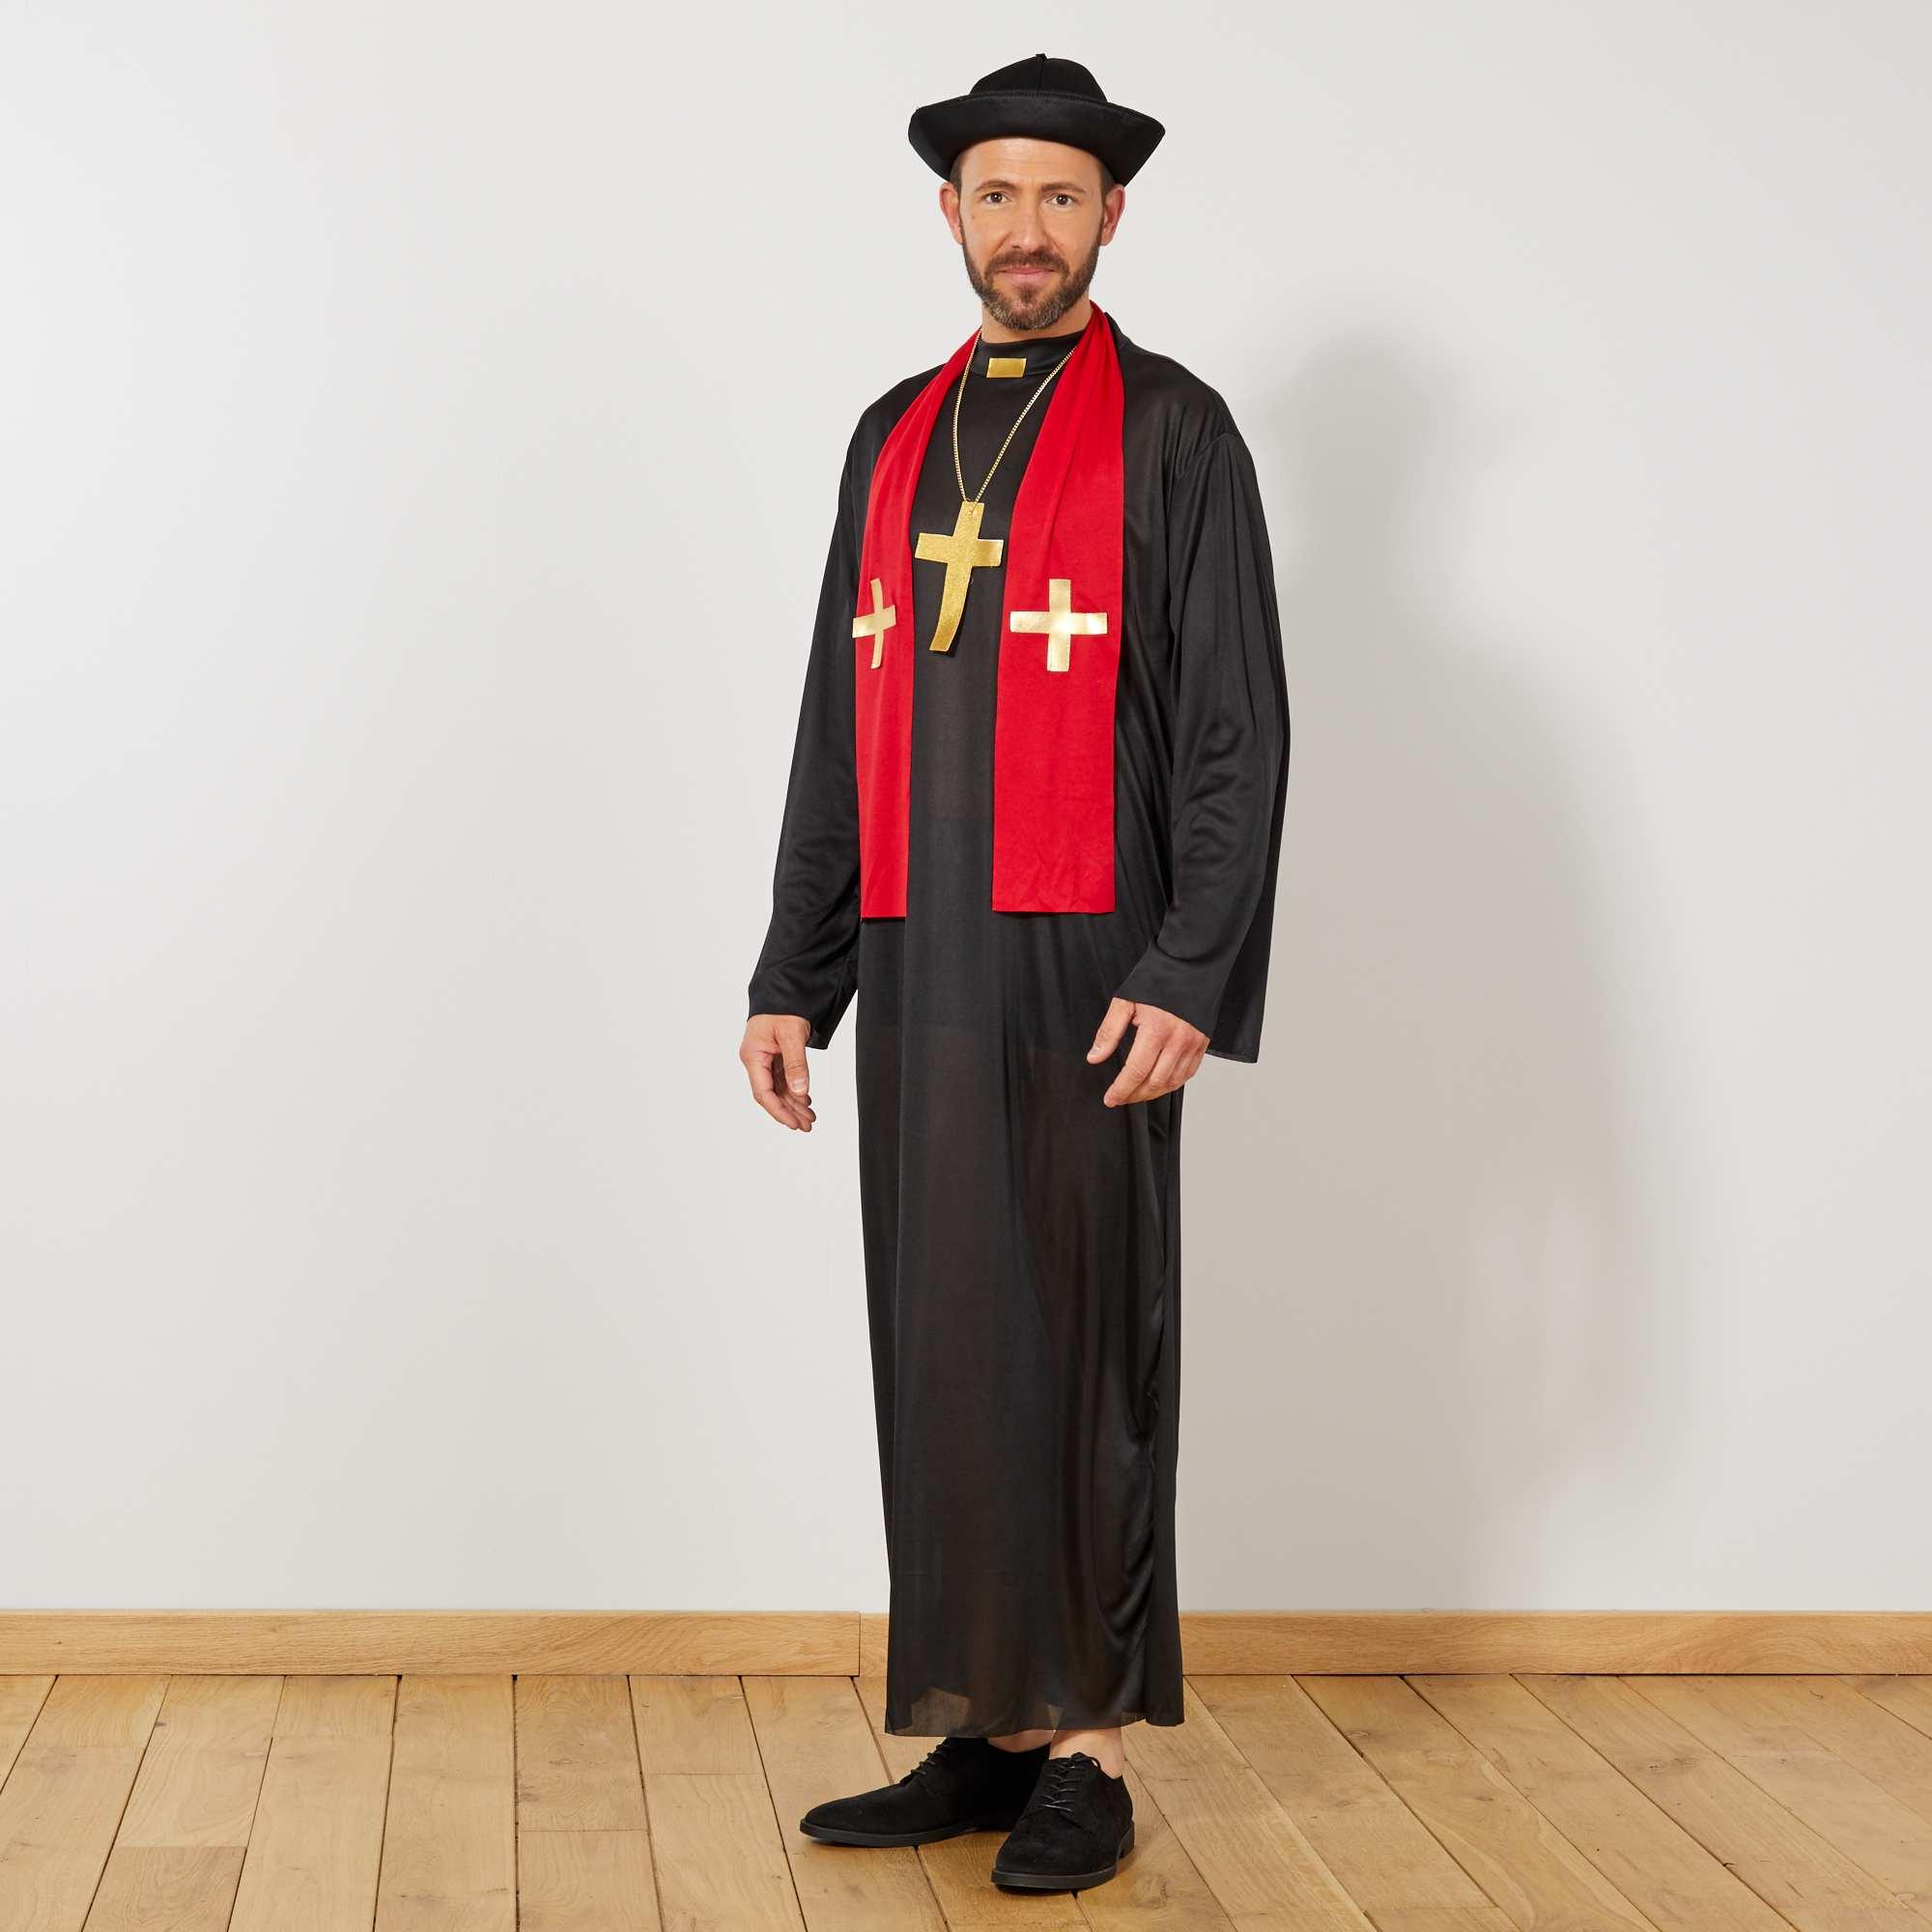 Couleur : noir, , ,, - Taille : 2, , ,,Prêchez la bonne parole avec ce déguisement de curé. Le set comprend une robe, un